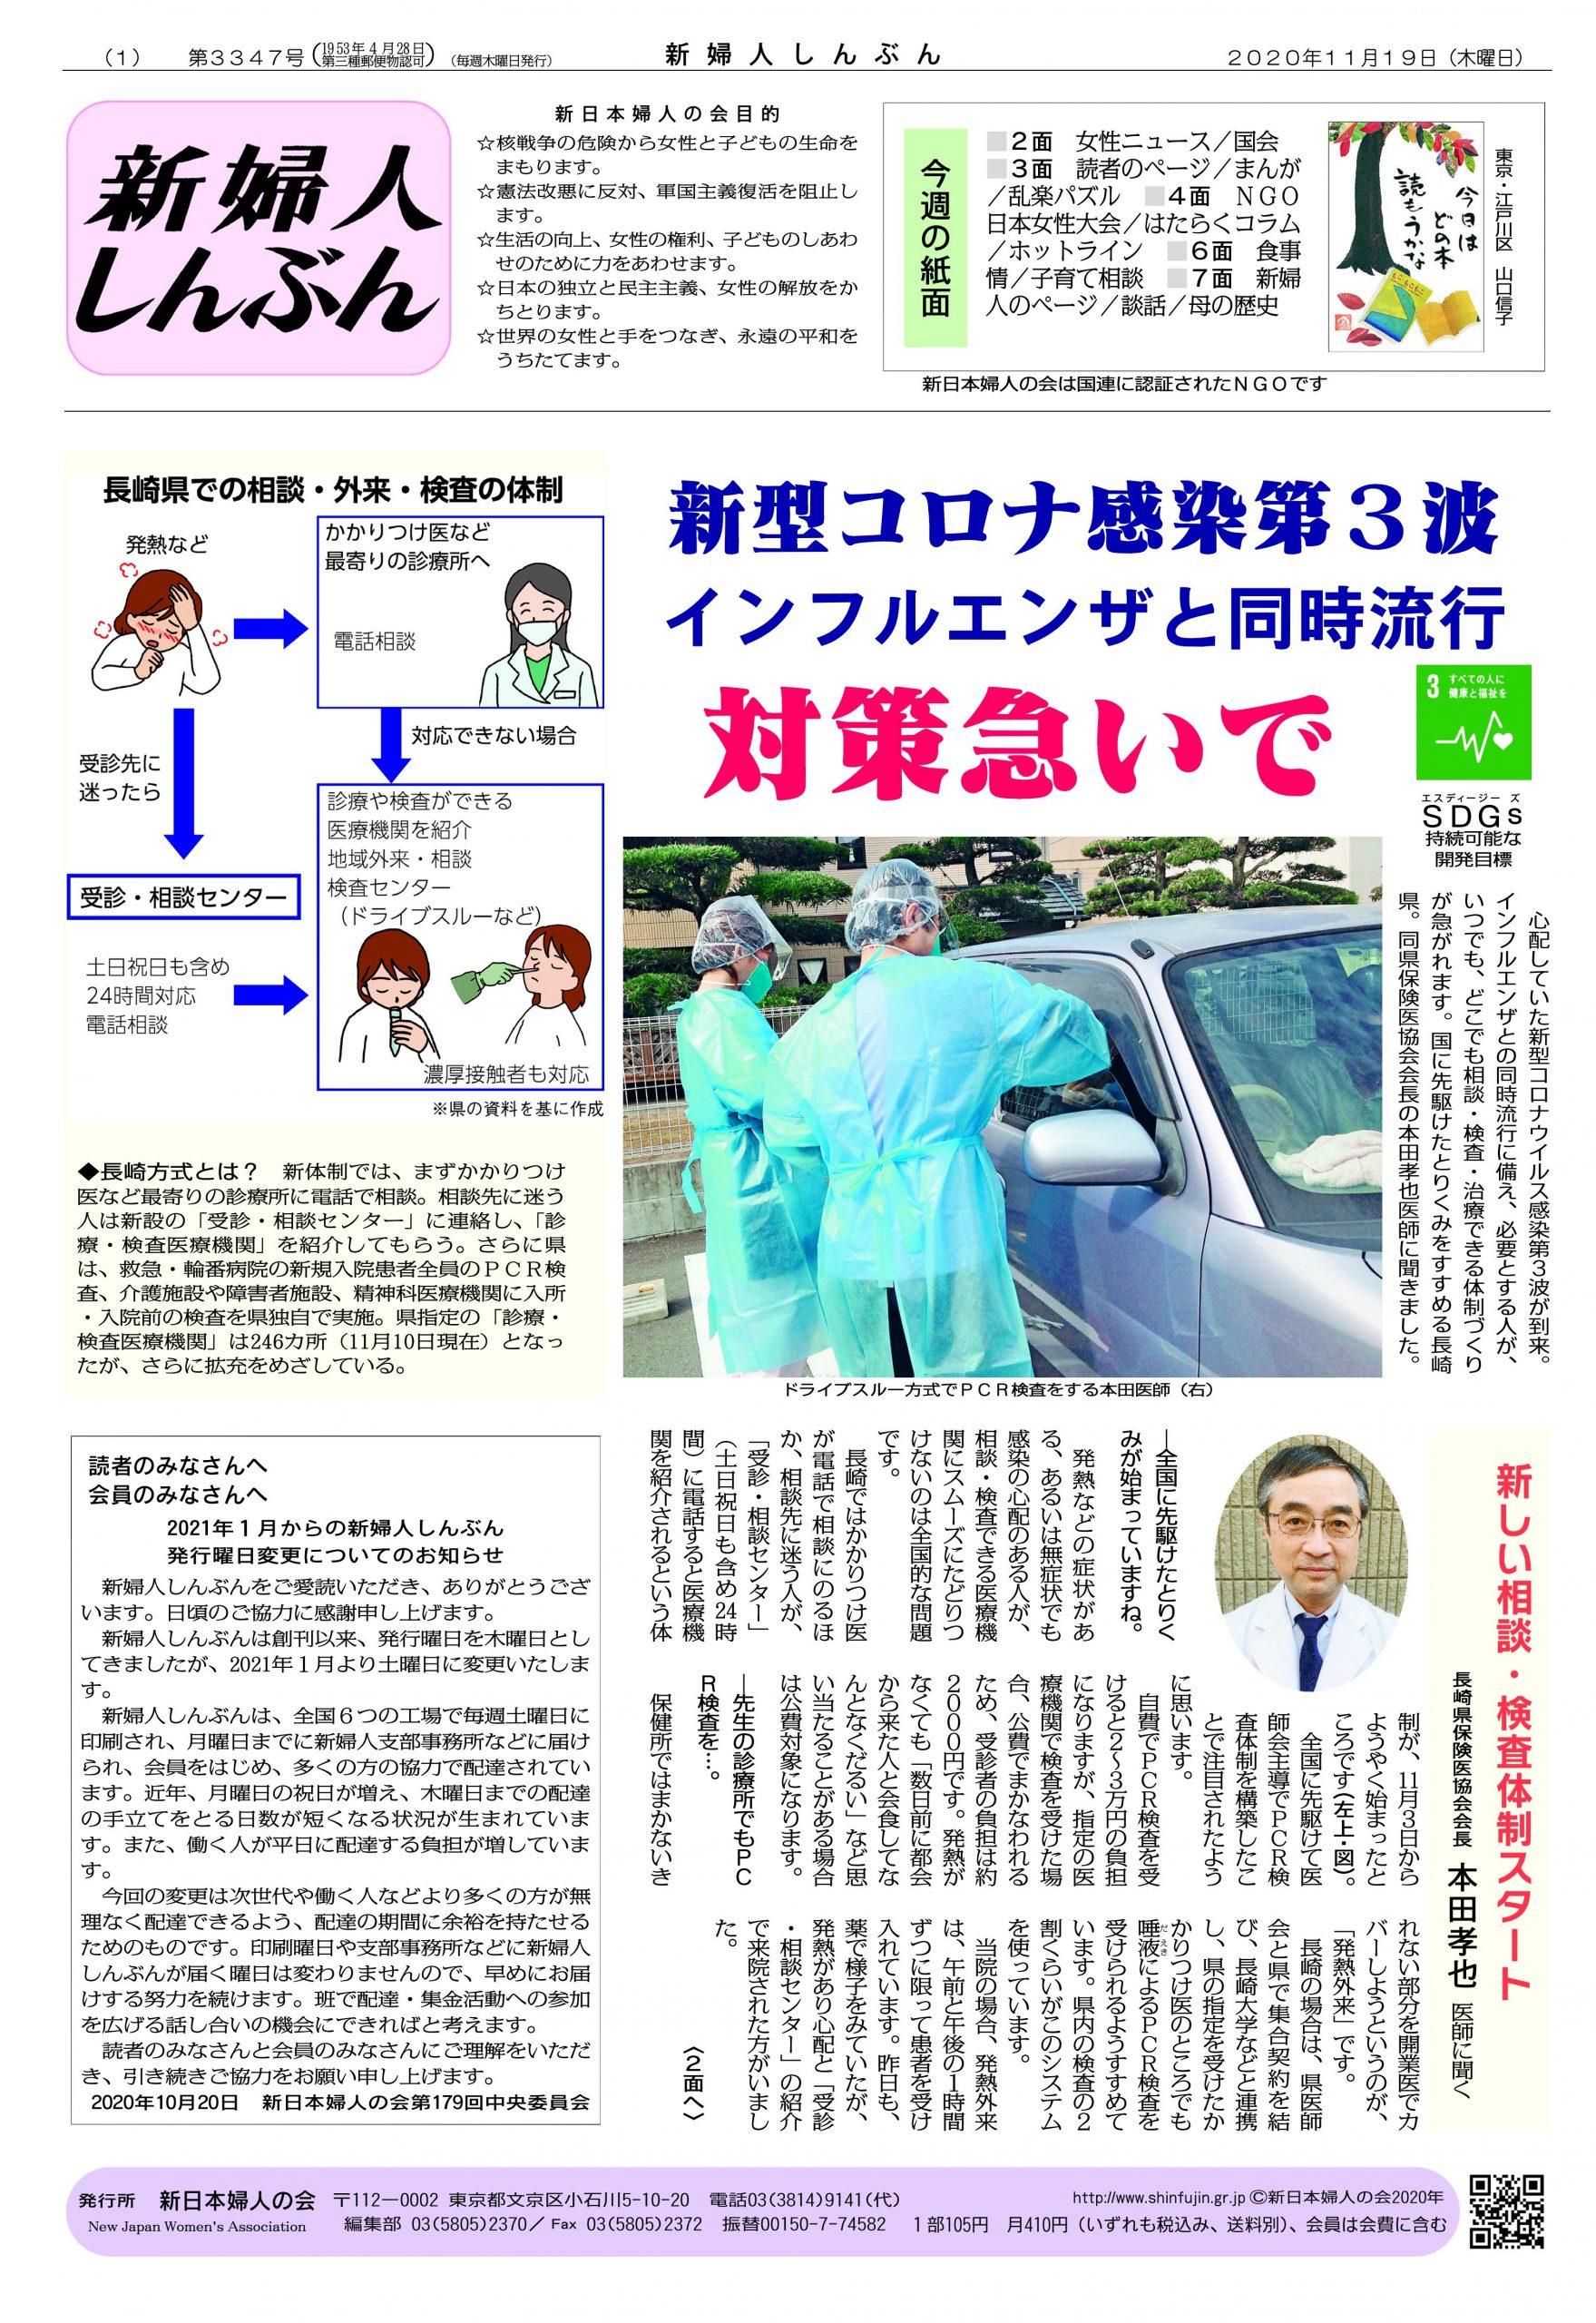 新型コロナ感染第3波 インフルエンザと同時流行 対策急いで